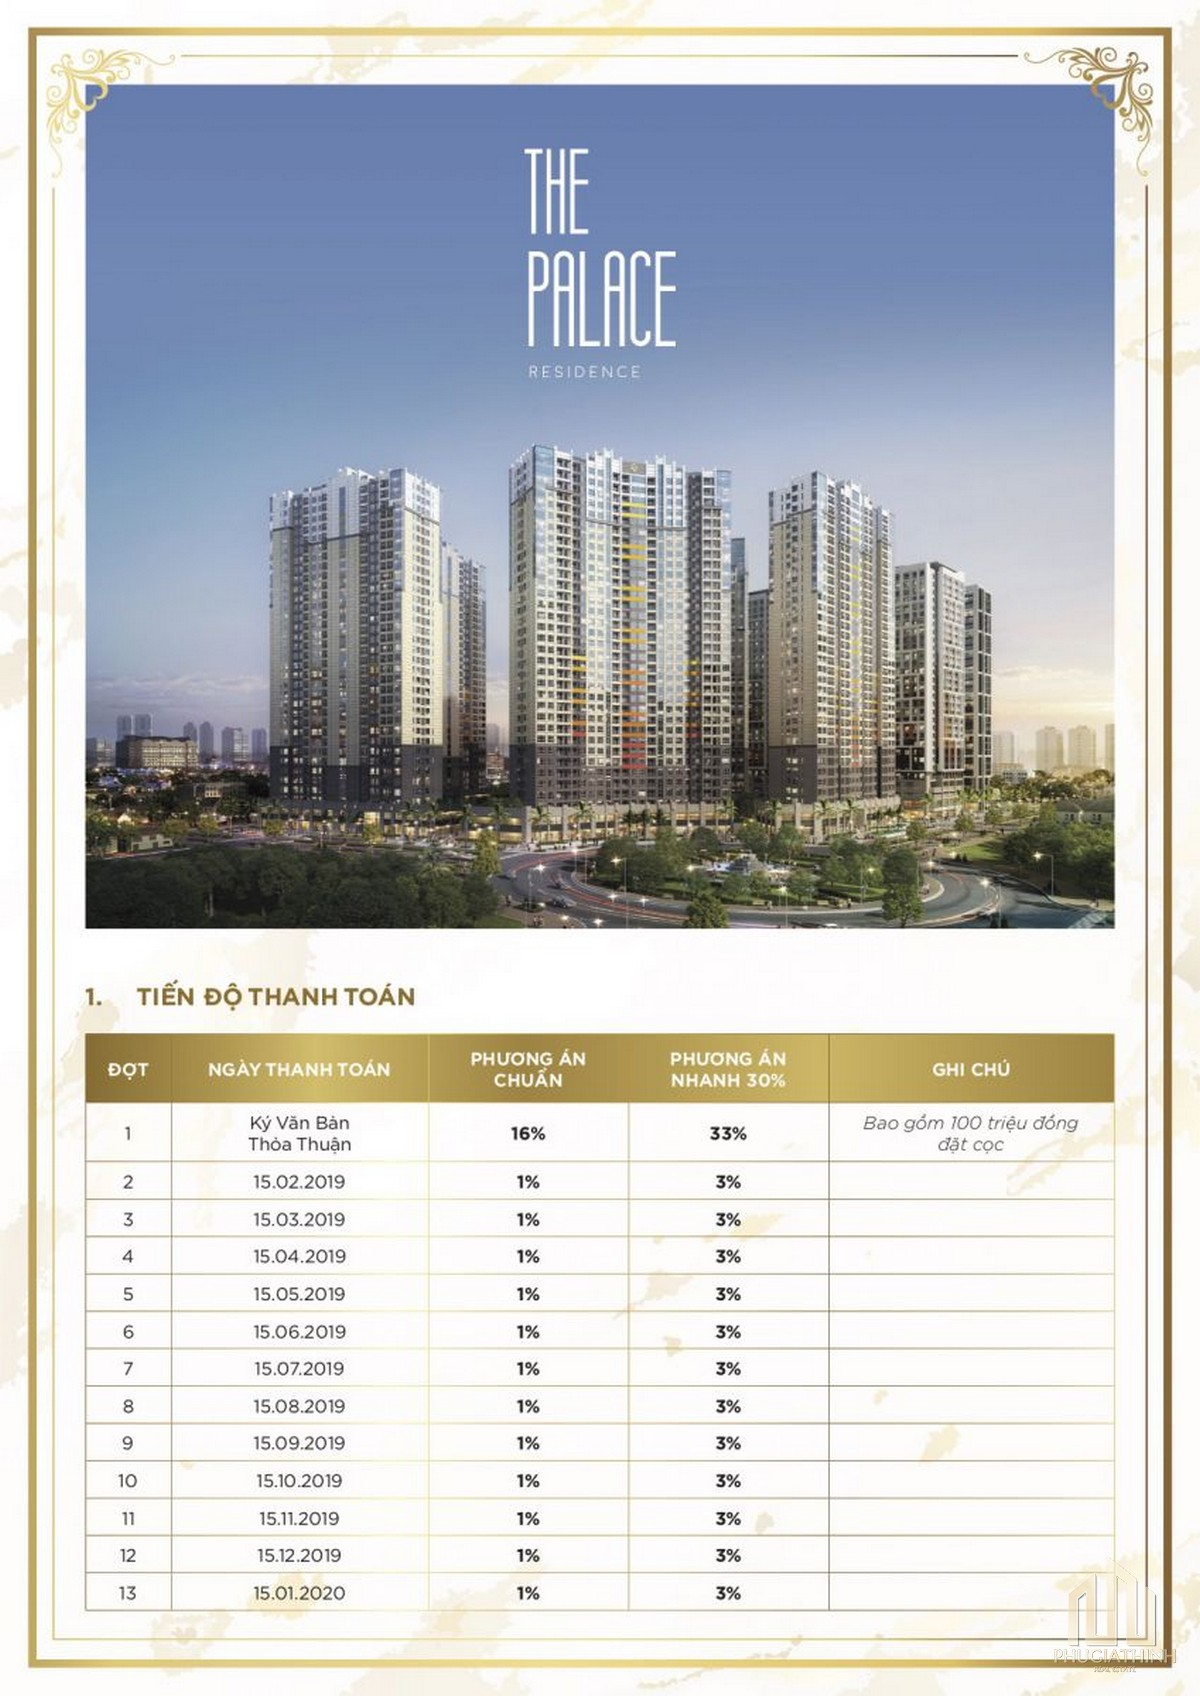 Thanh toán dự án căn hộ The Palace Residence Quận 2